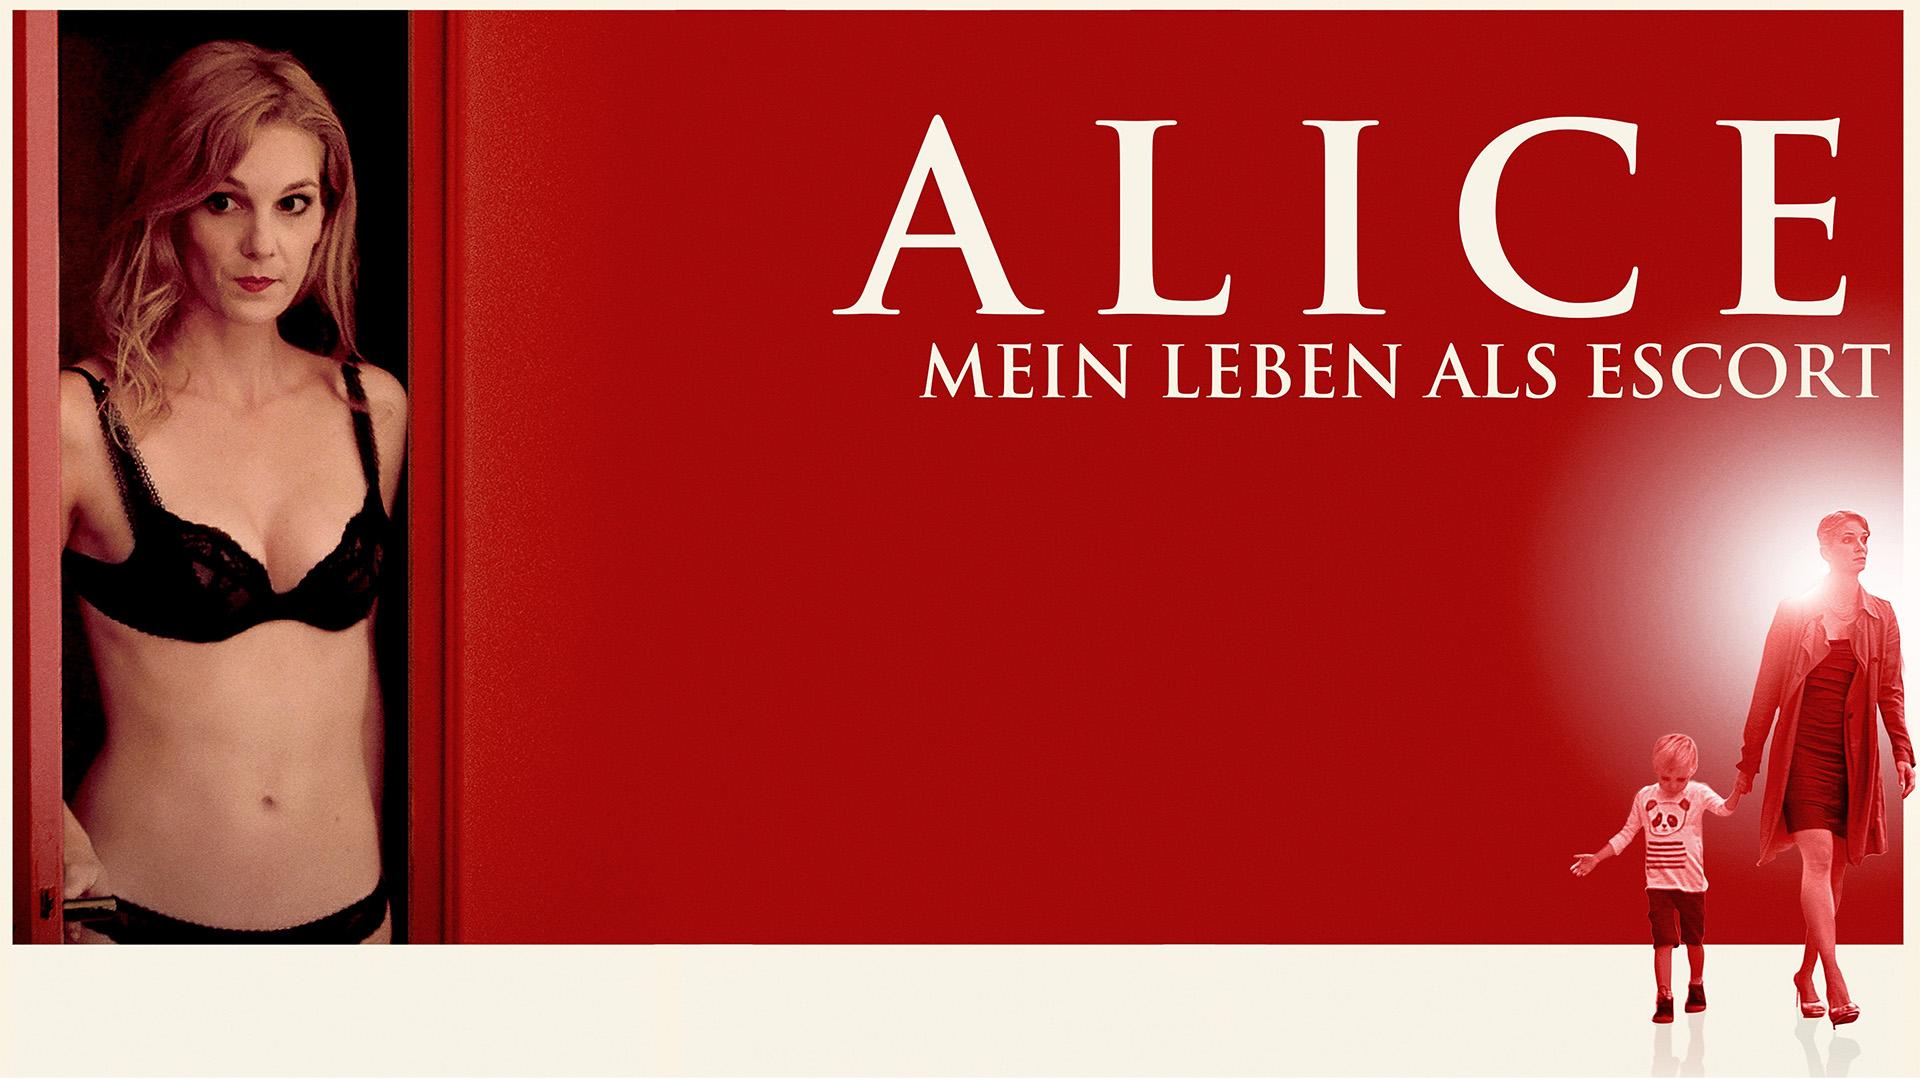 Alice: Mein Leben als Escort